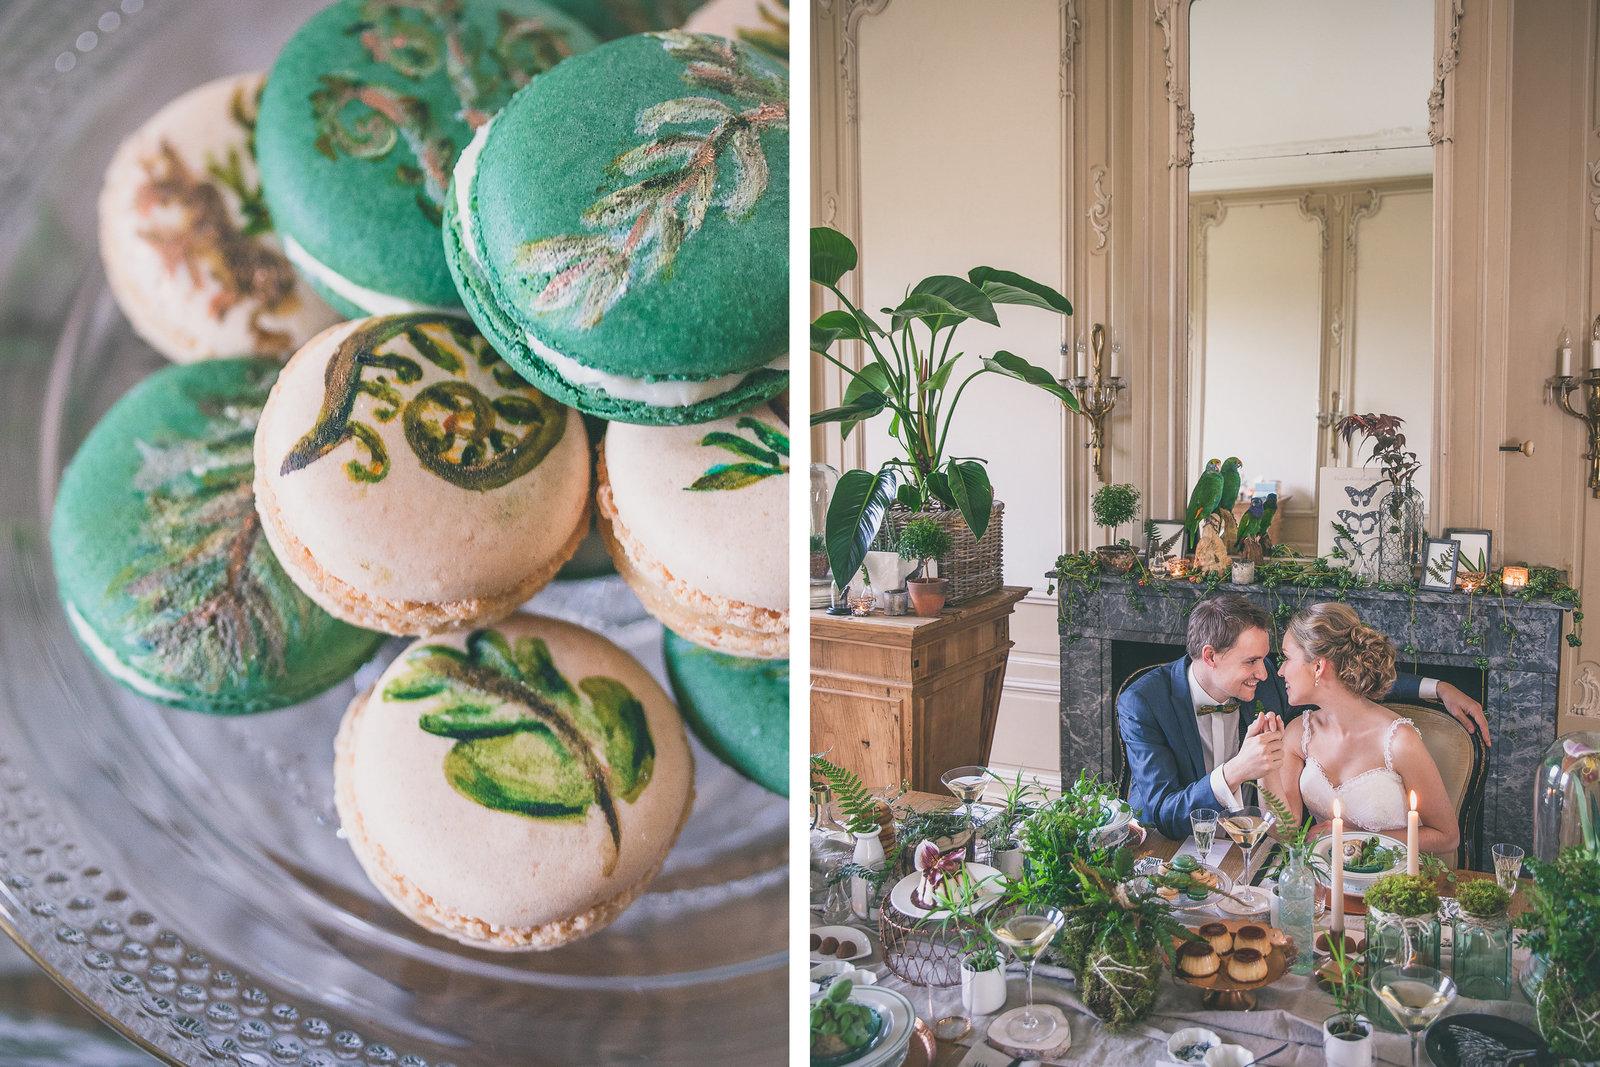 En prachtig gestyleerde tafel met bruidspaar. Vol met beschilderde macarons, varens en ander groen. Copyright Nanda Zee-Fritse | FOTOZEE